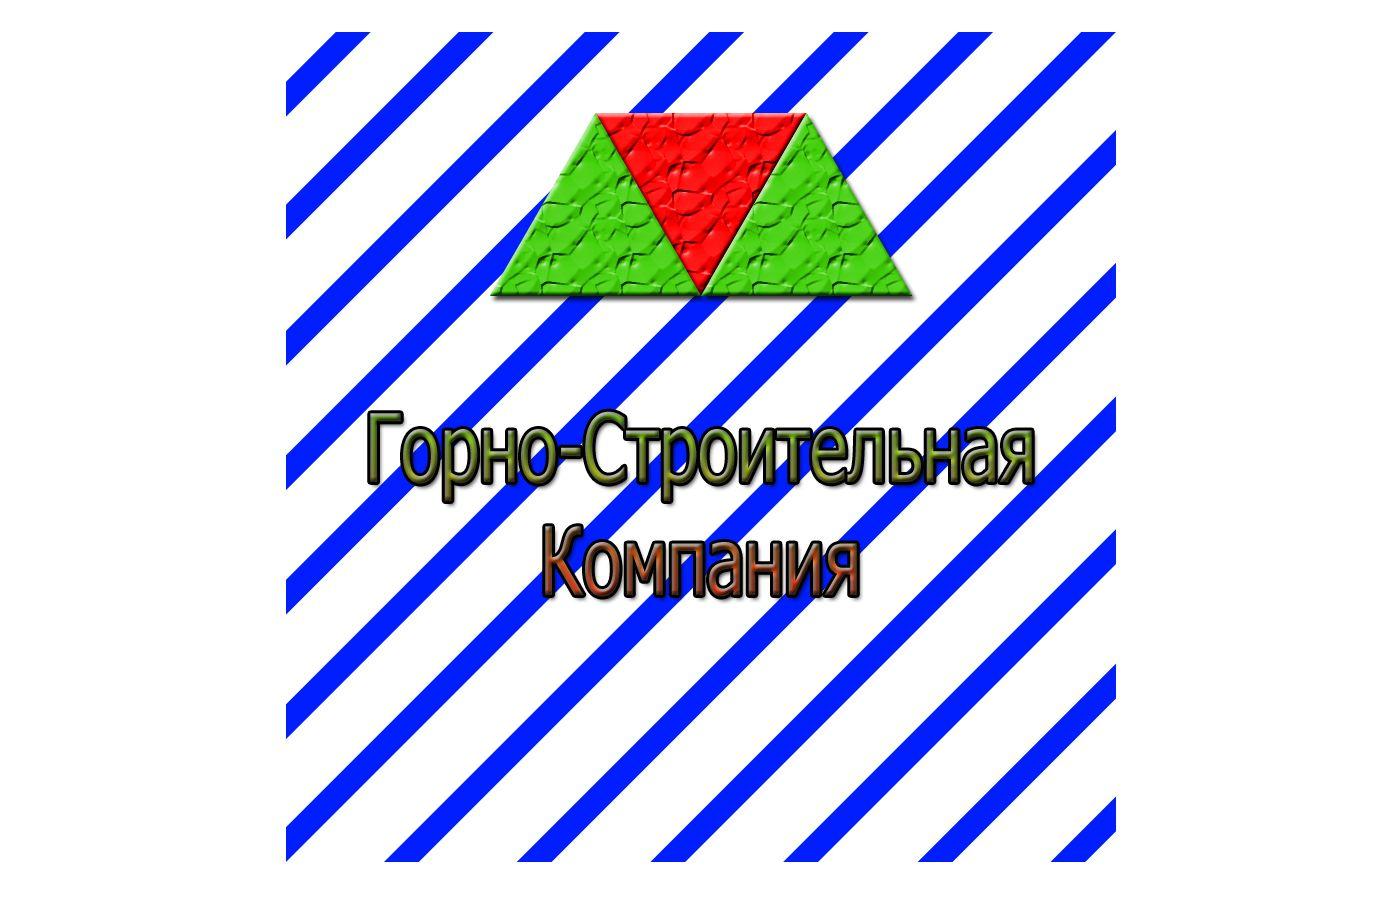 Логотип для Горно-Строительной Компании - дизайнер Kirillivanov_1